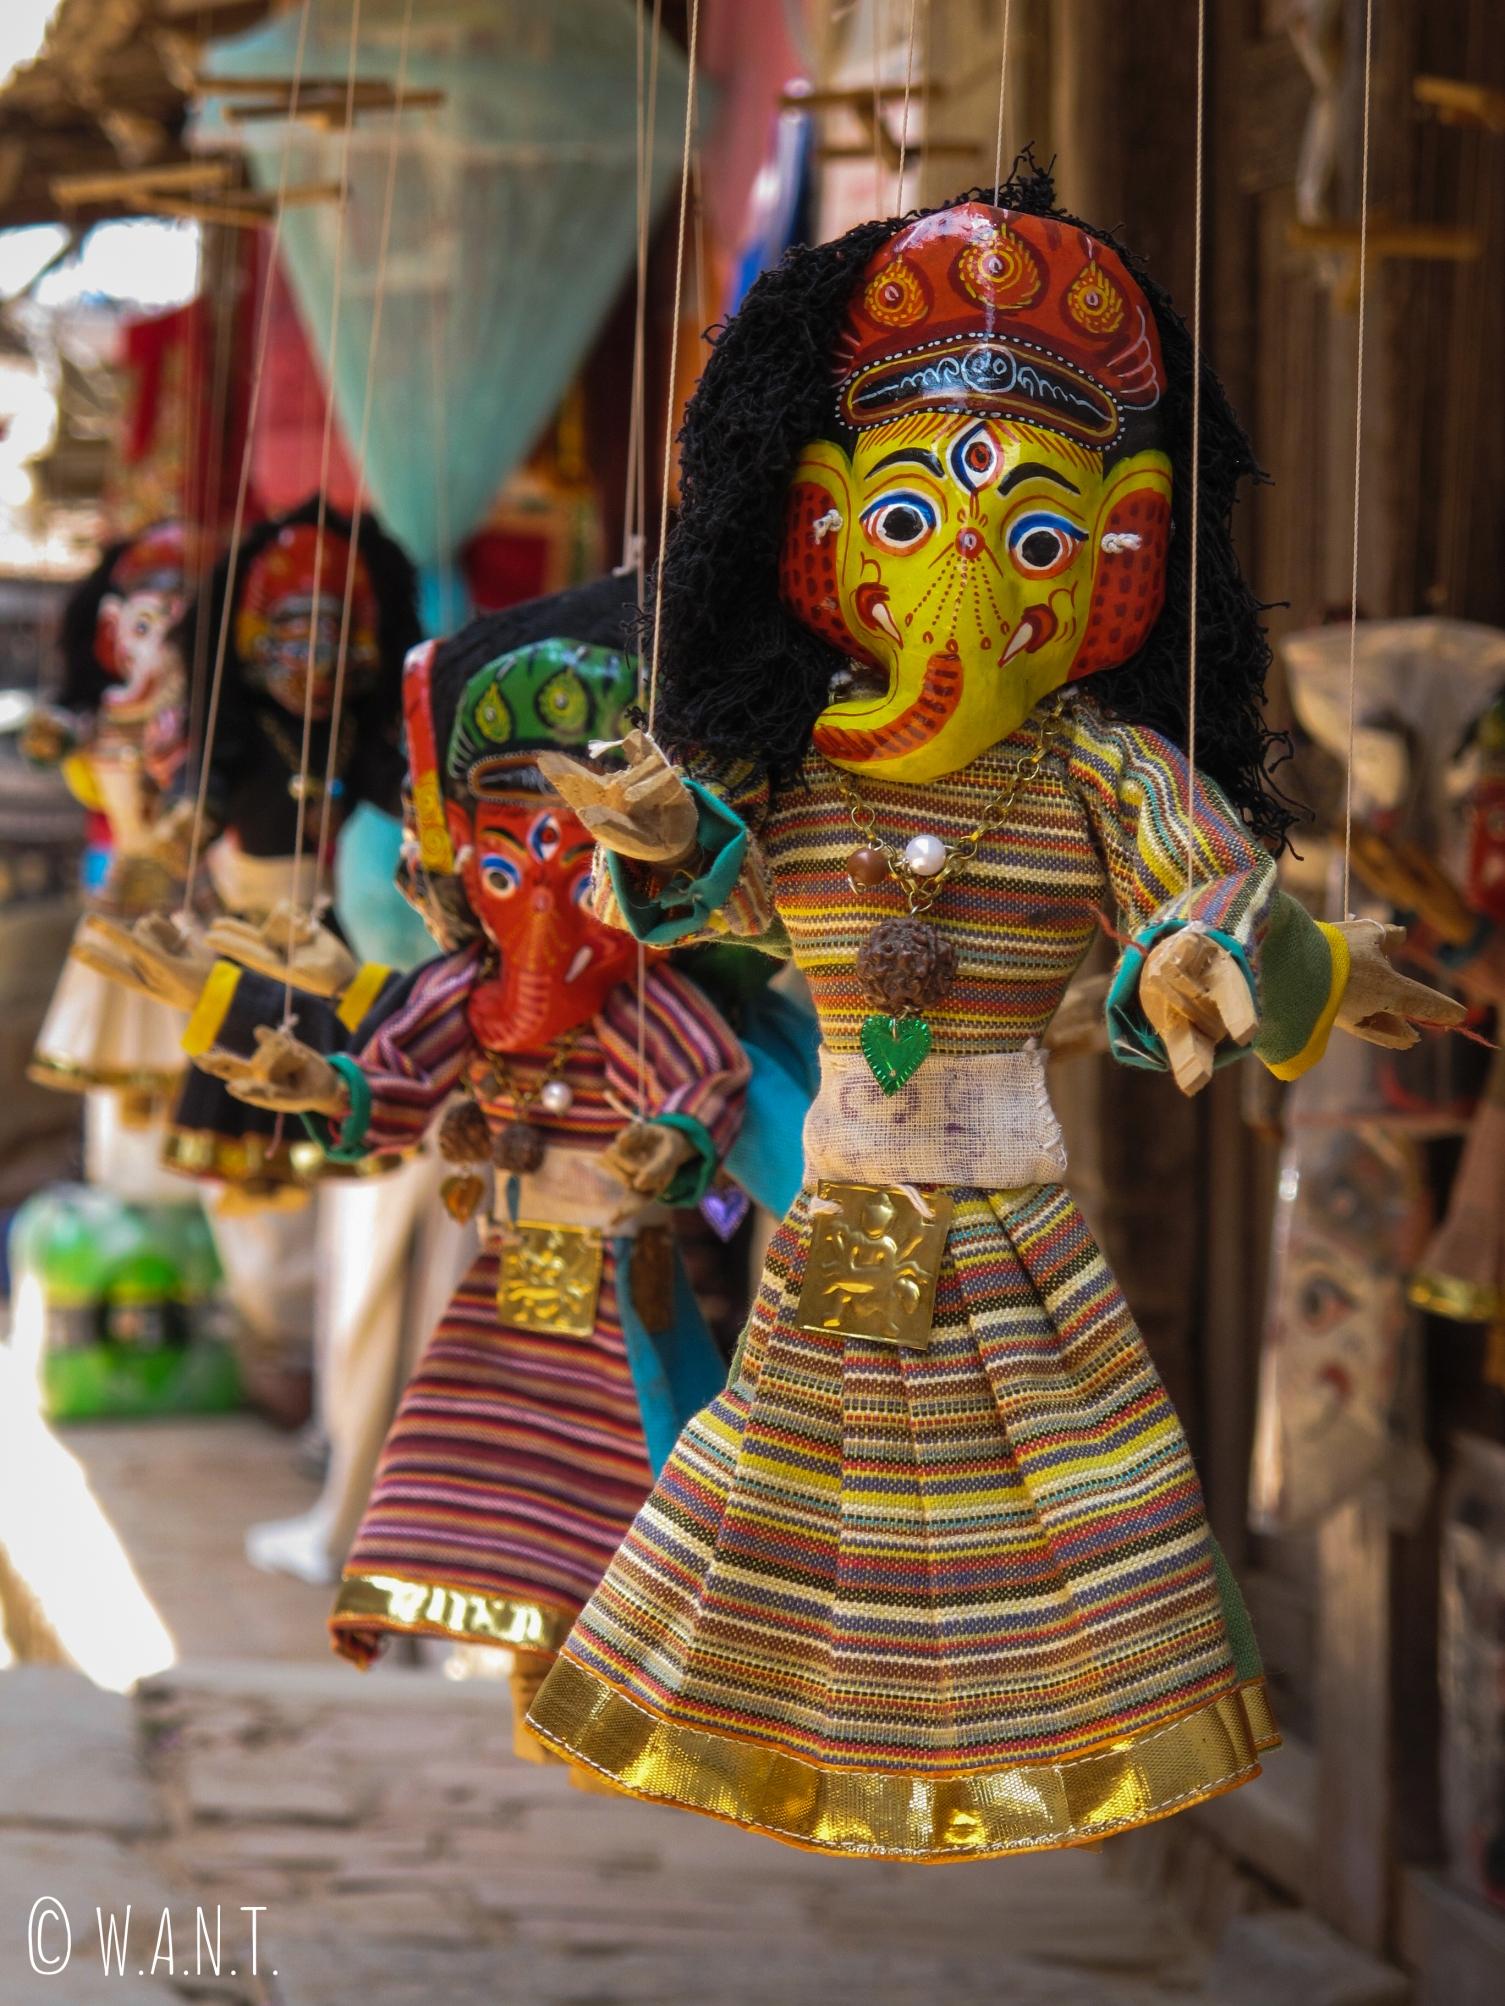 Marionnette double-face du dieu hindou Ganesh sur les échoppes de souvenirs de Bhaktapur